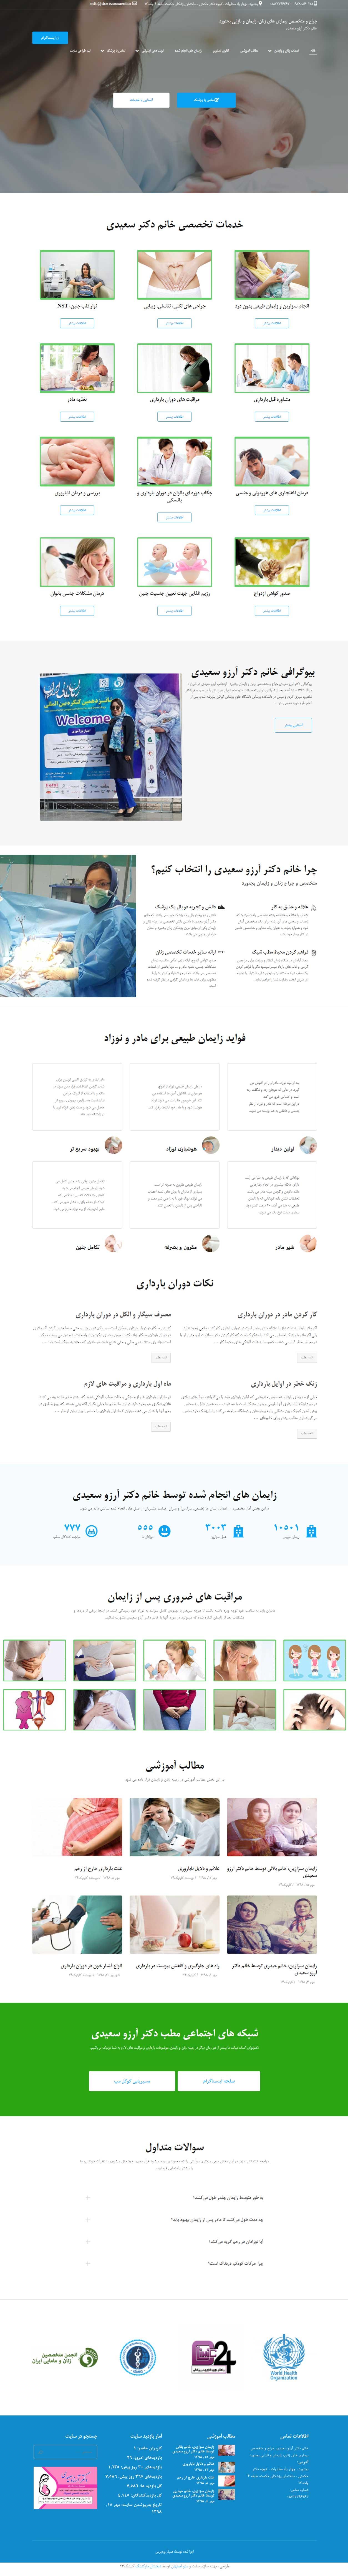 طراحی وب سایت جراح و متخصص بیماری های زنان، زایمان و نازایی